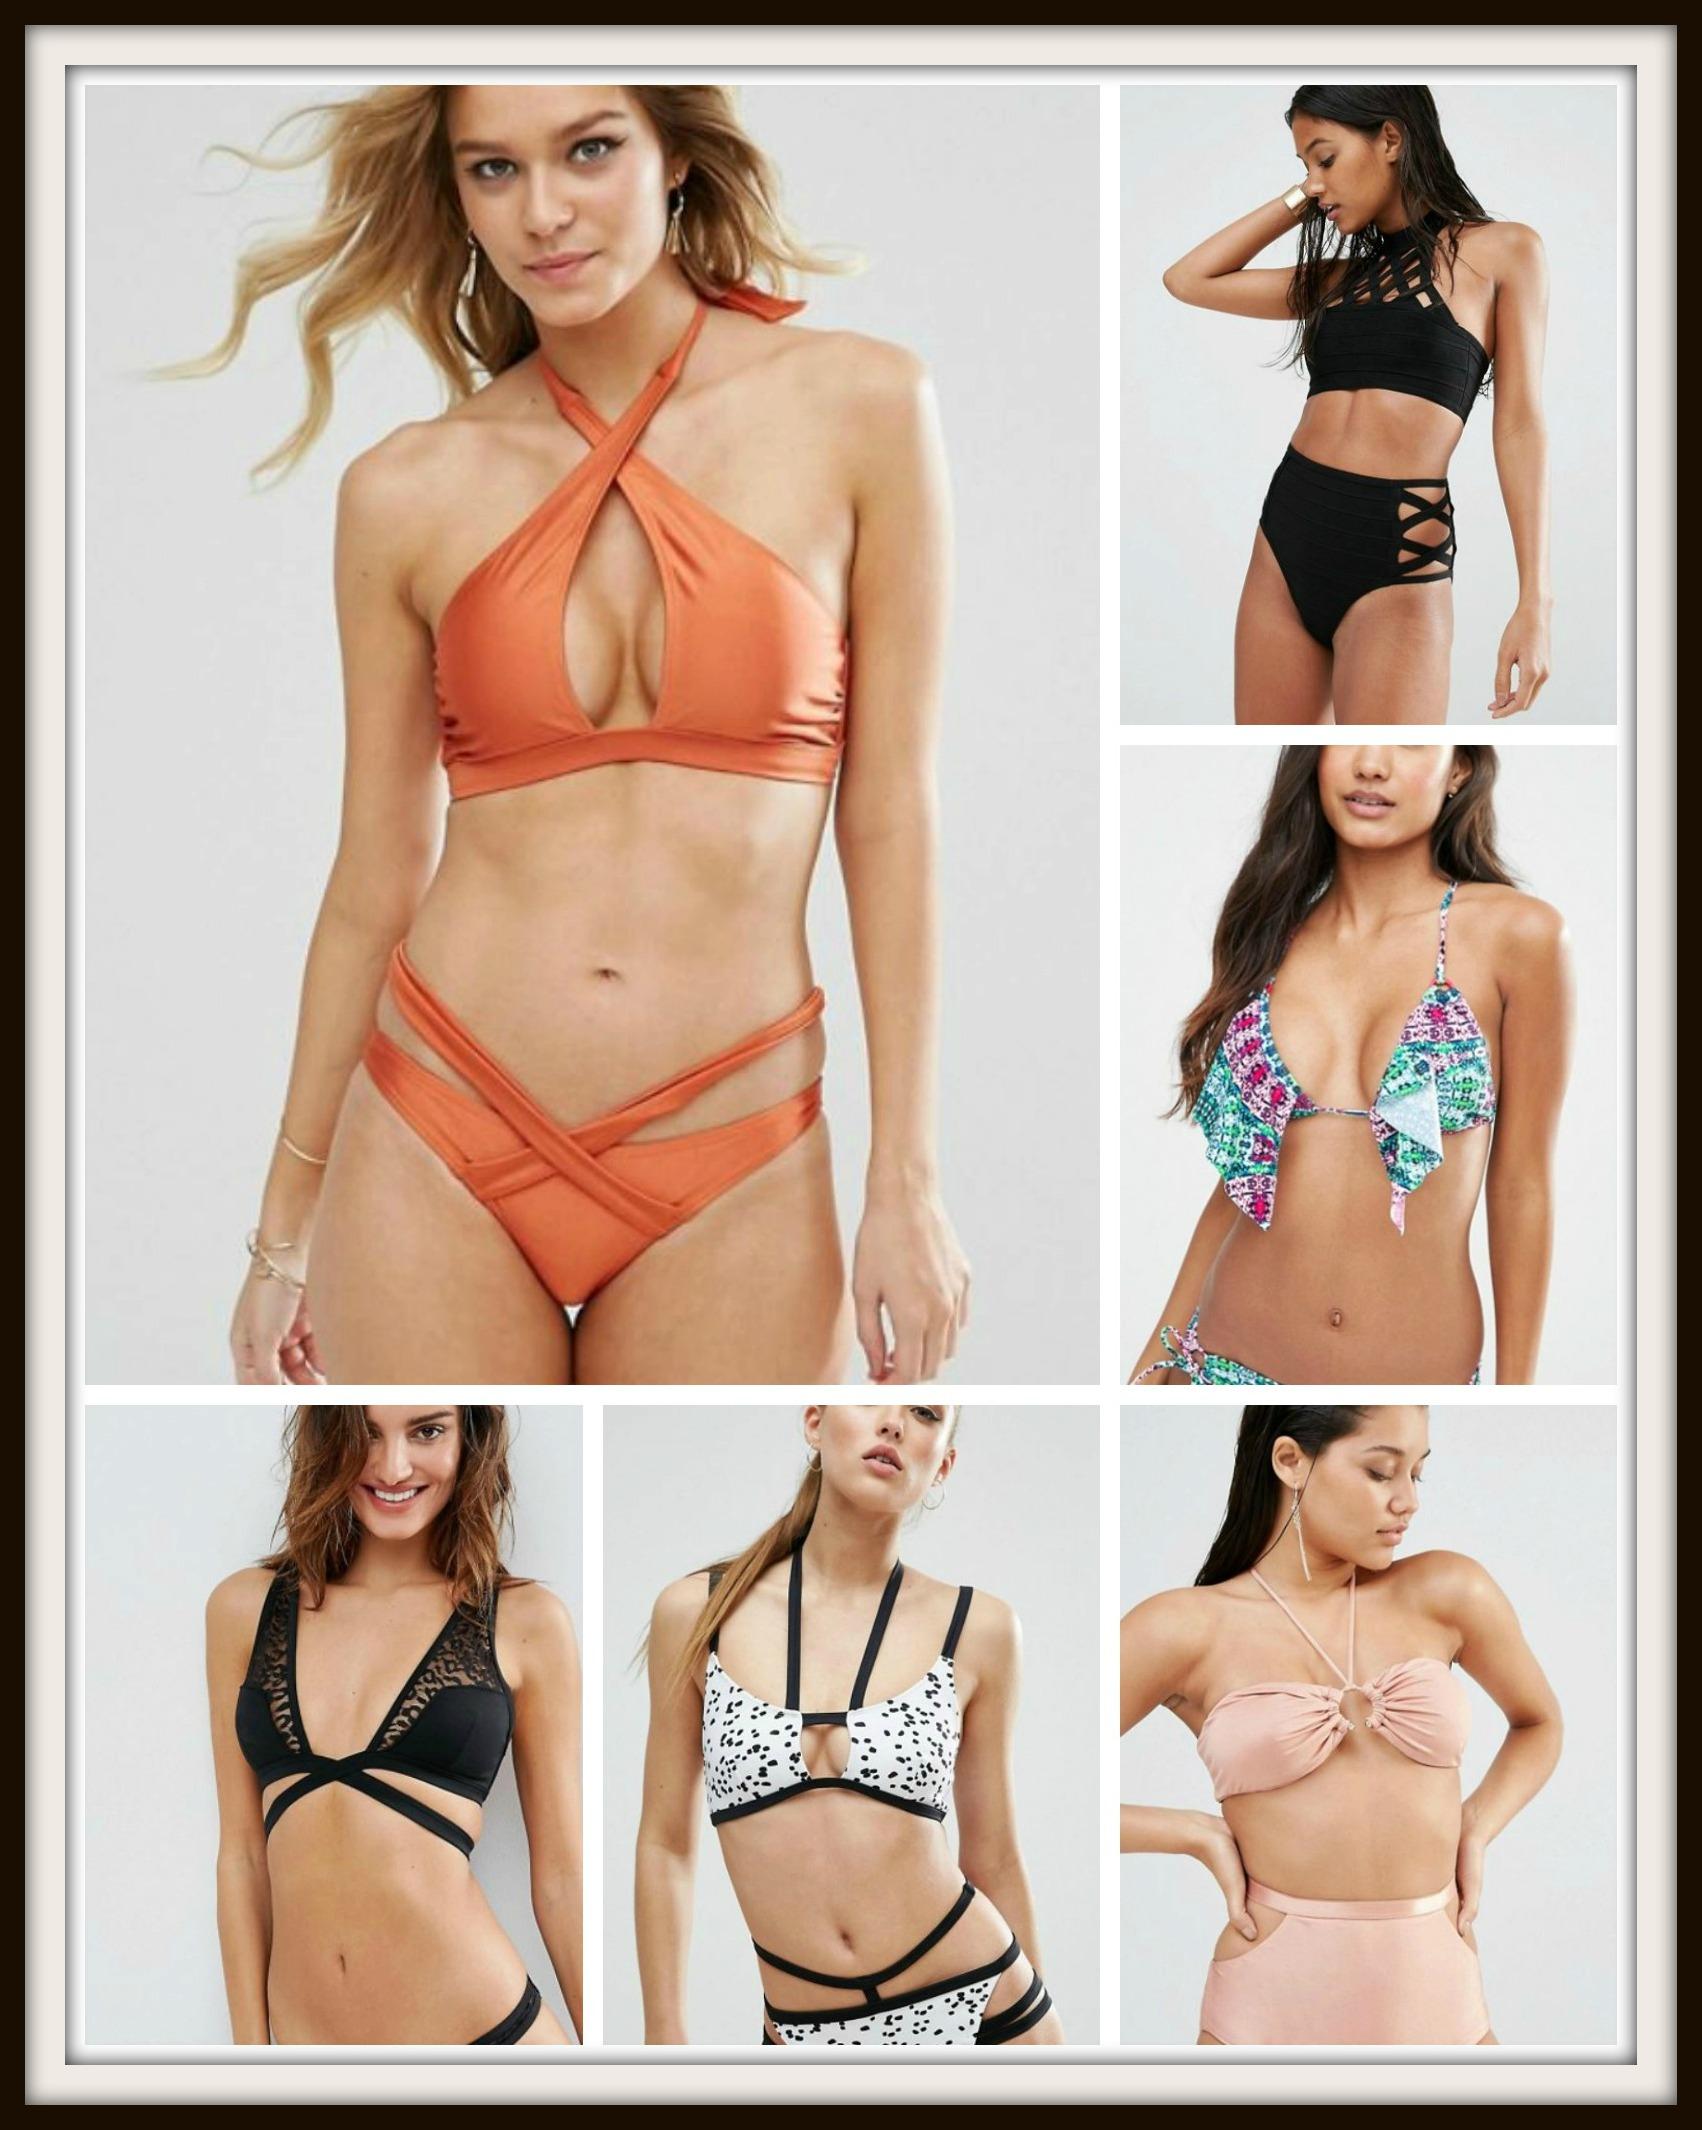 Lo Shop Online ufficiale di Bikini teraisompcz8d.ga, dove puoi creare il tuo unico e personalissimo bikini Mix&Match, scegliendo tra la nostra ampia gamma di slip, reggiseni, abiti e accessori, in tantissime.